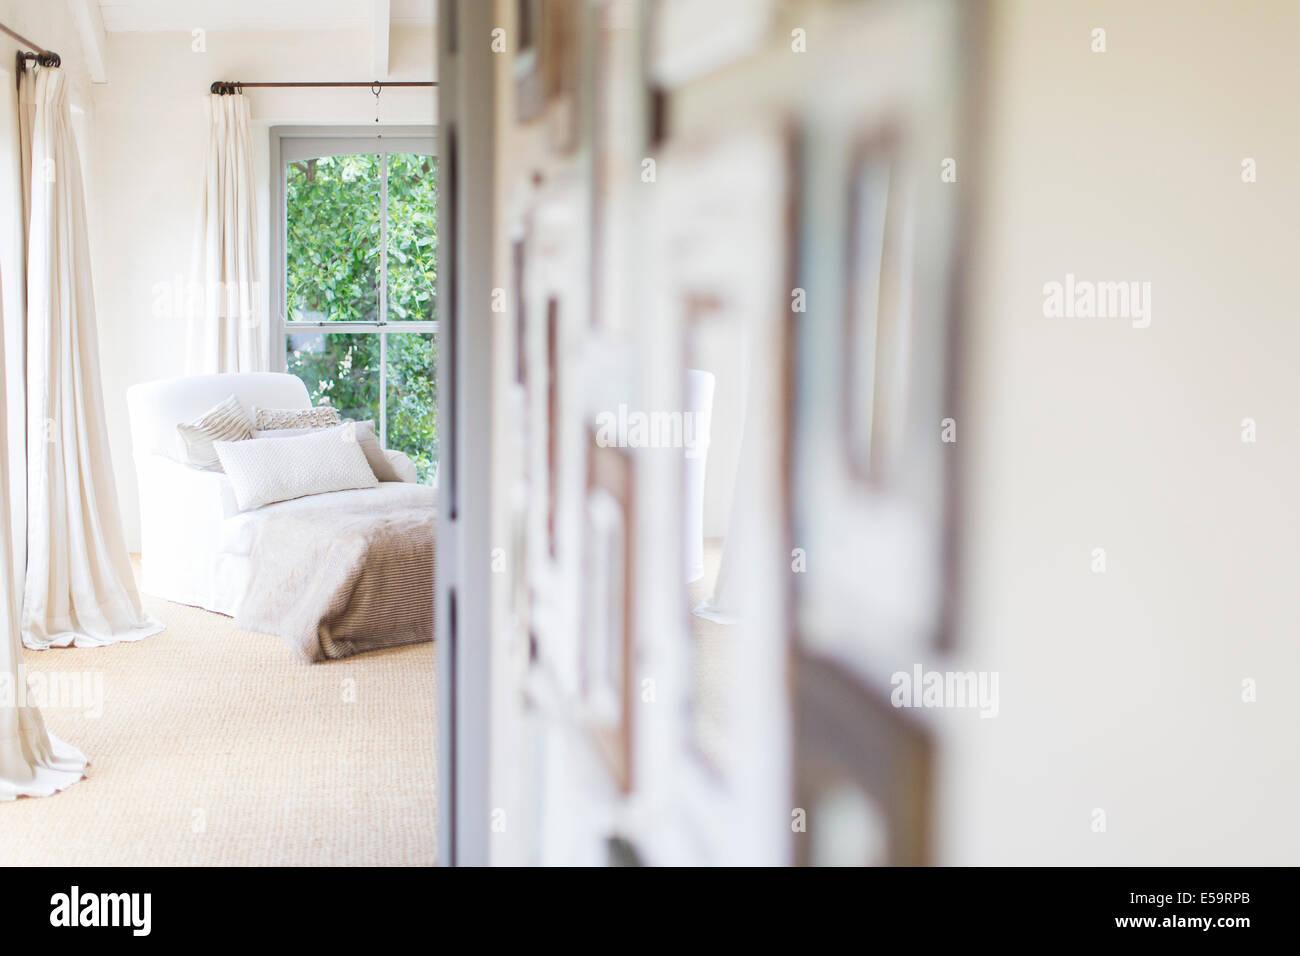 Tapices de Pared y un sillón en casa rústica Imagen De Stock